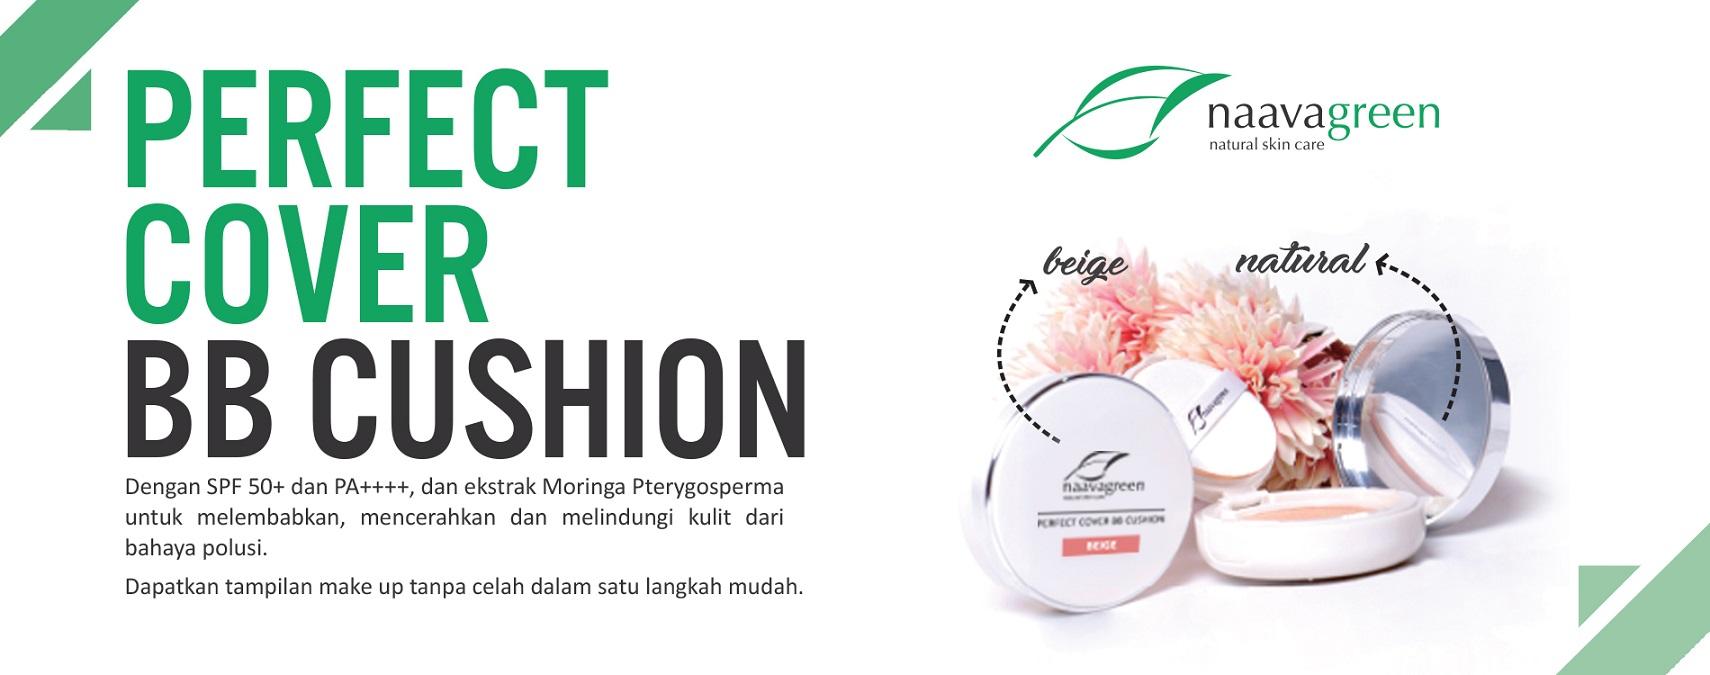 Naavagreen perfect cover BB Cushion, terbaik dan aman untuk kulit kamu akhirnya resmi di launching!